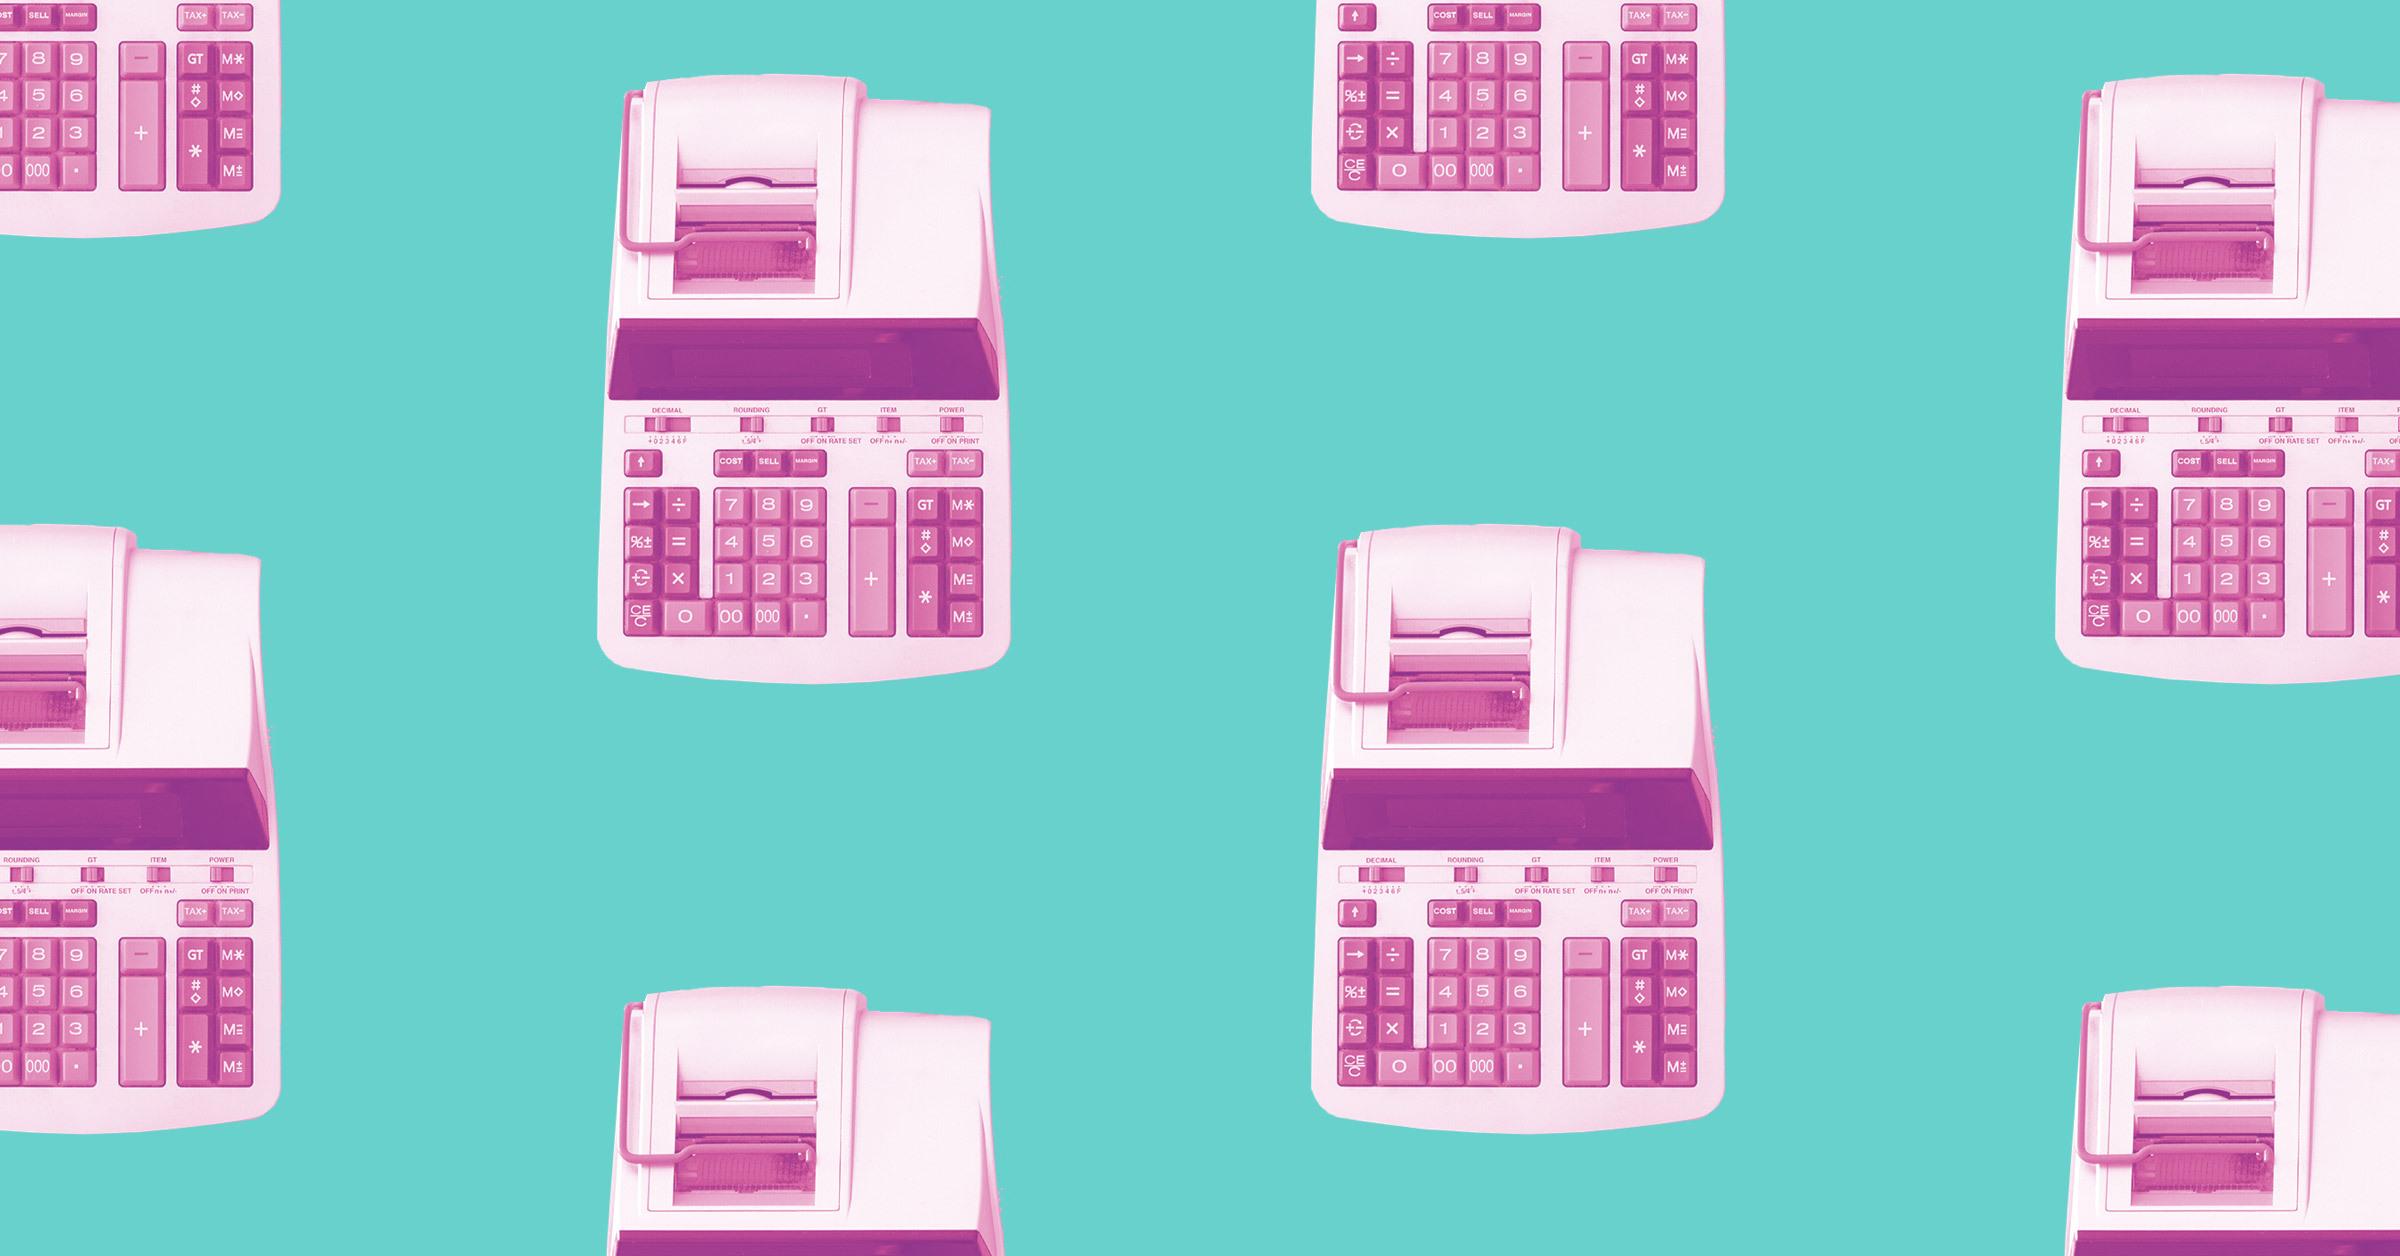 Toiminimen veroilmoitus – vinkit lomakkeen täyttöön